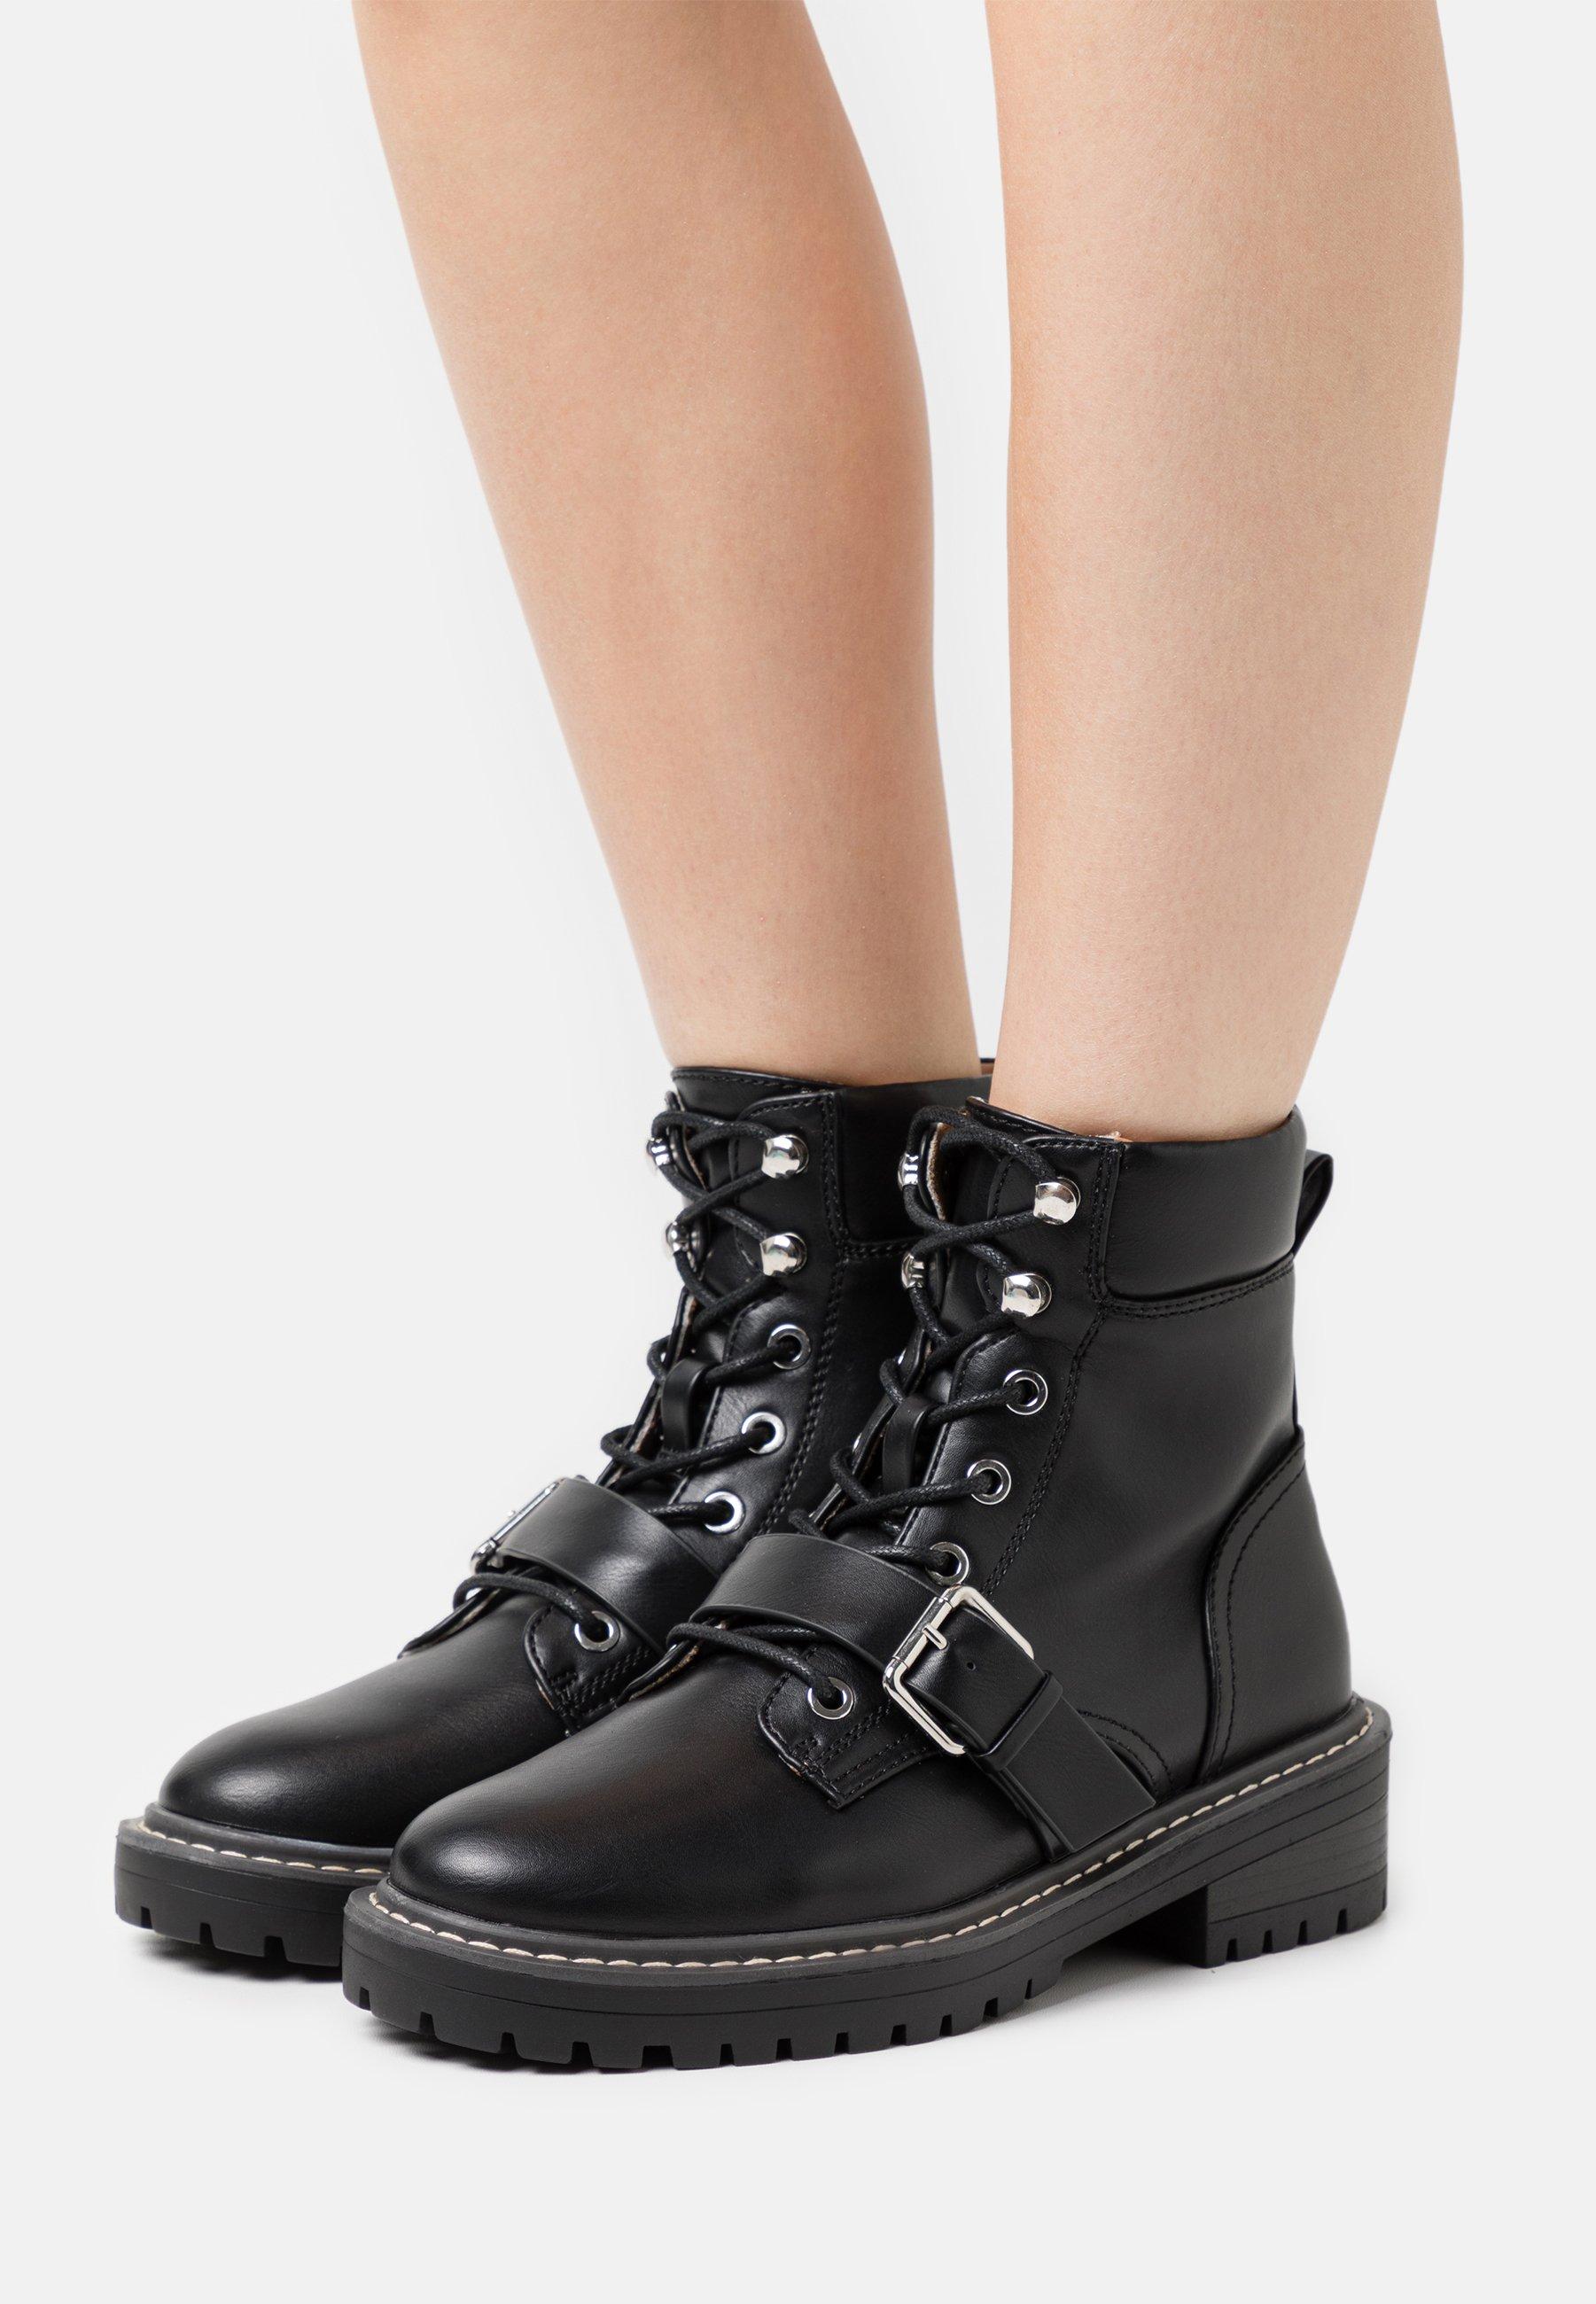 Femme ONLBOLD PADDED LACE UP BOOTIE  - Bottines à lacets - black